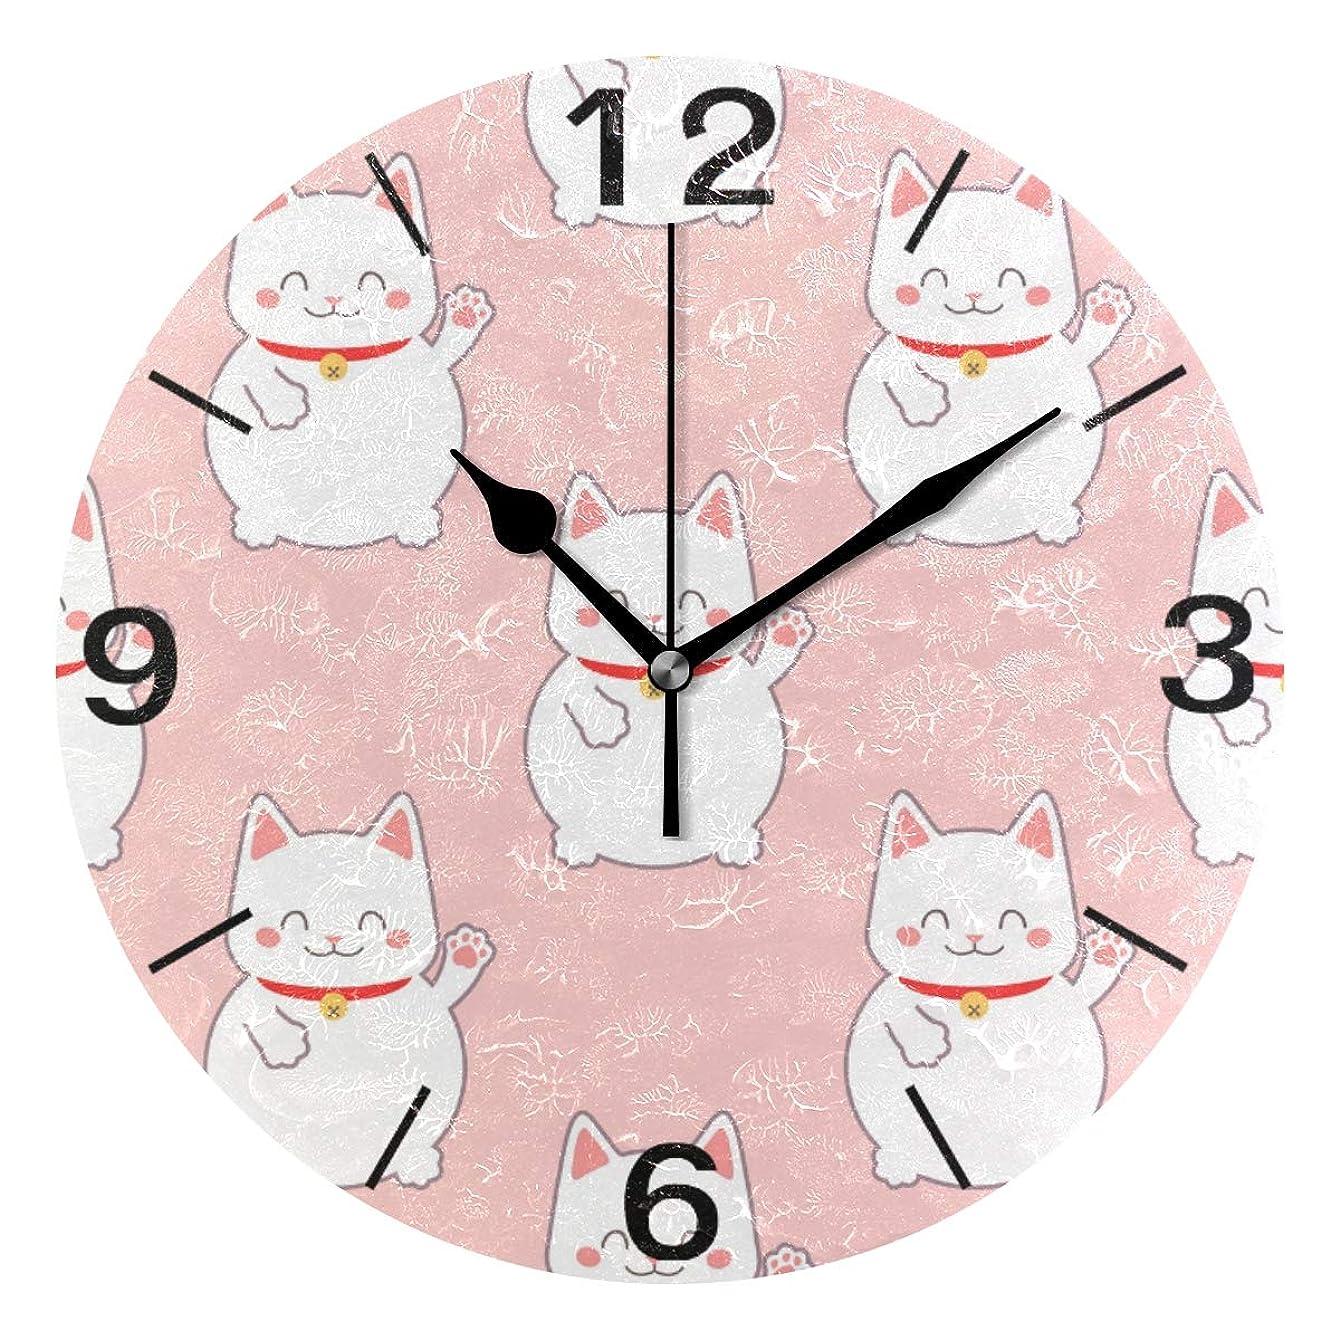 湿気の多い避難ソーダ水掛け時計 置き時計 壁掛け時計 時計 壁掛け 招き猫 可愛い 連続秒針 リビング おしゃれ 北欧 部屋装飾 部屋飾り プレゼント ギフト 贈り物